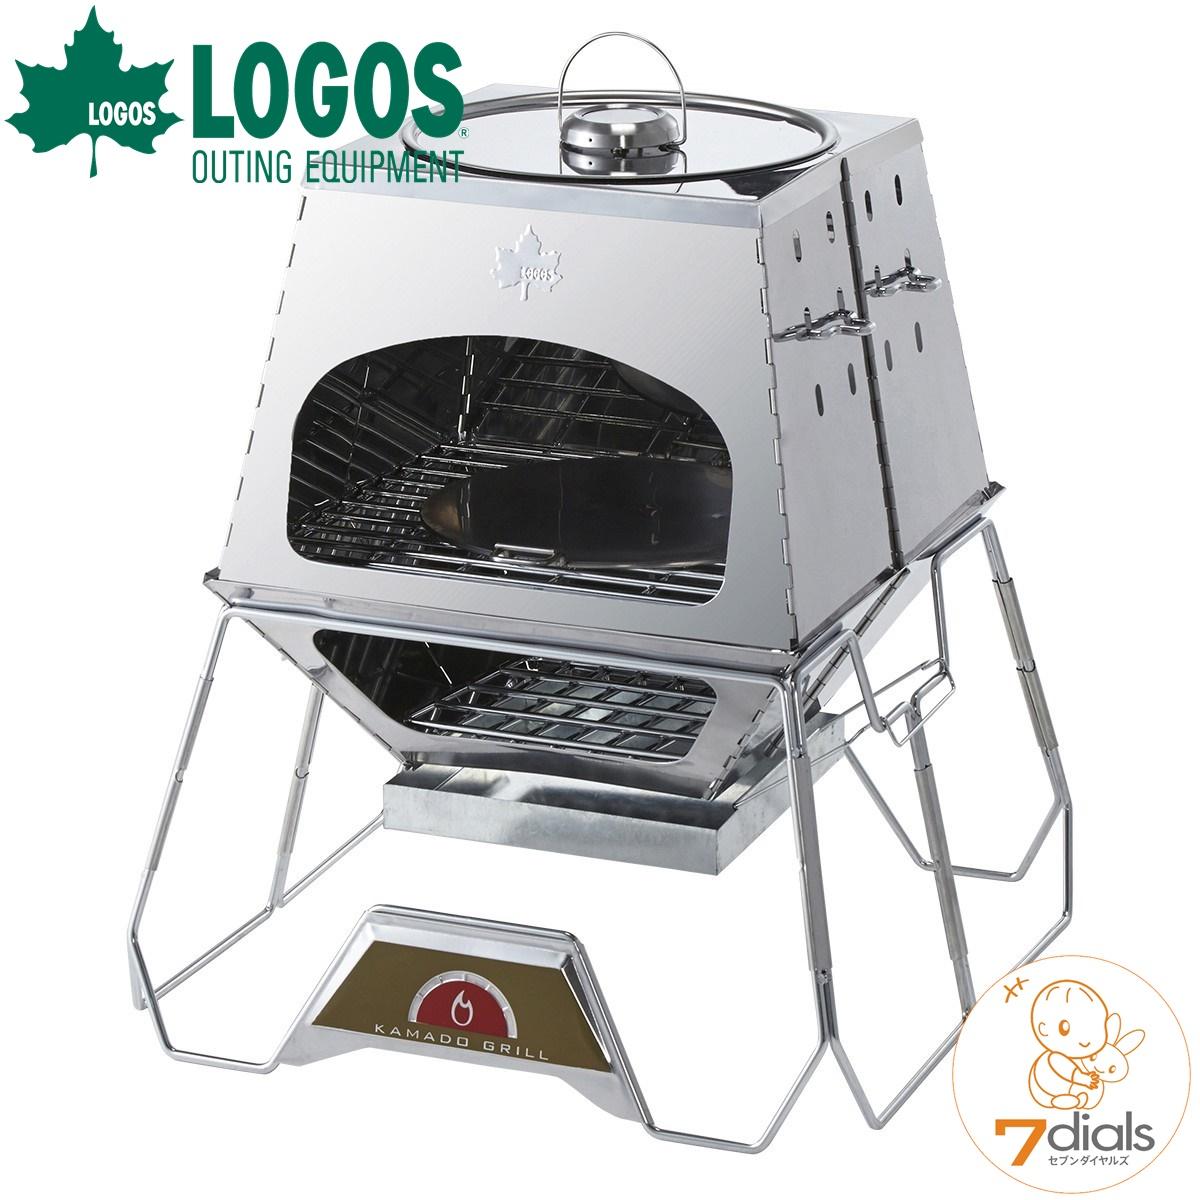 LOGOS/ロゴス LOGOS the KAMADO 同時に鍋料理とオーブン料理、ピザが焼ける便利なカマドグリル 焚火台やBBQグリルとしても使え万能【送料無料】